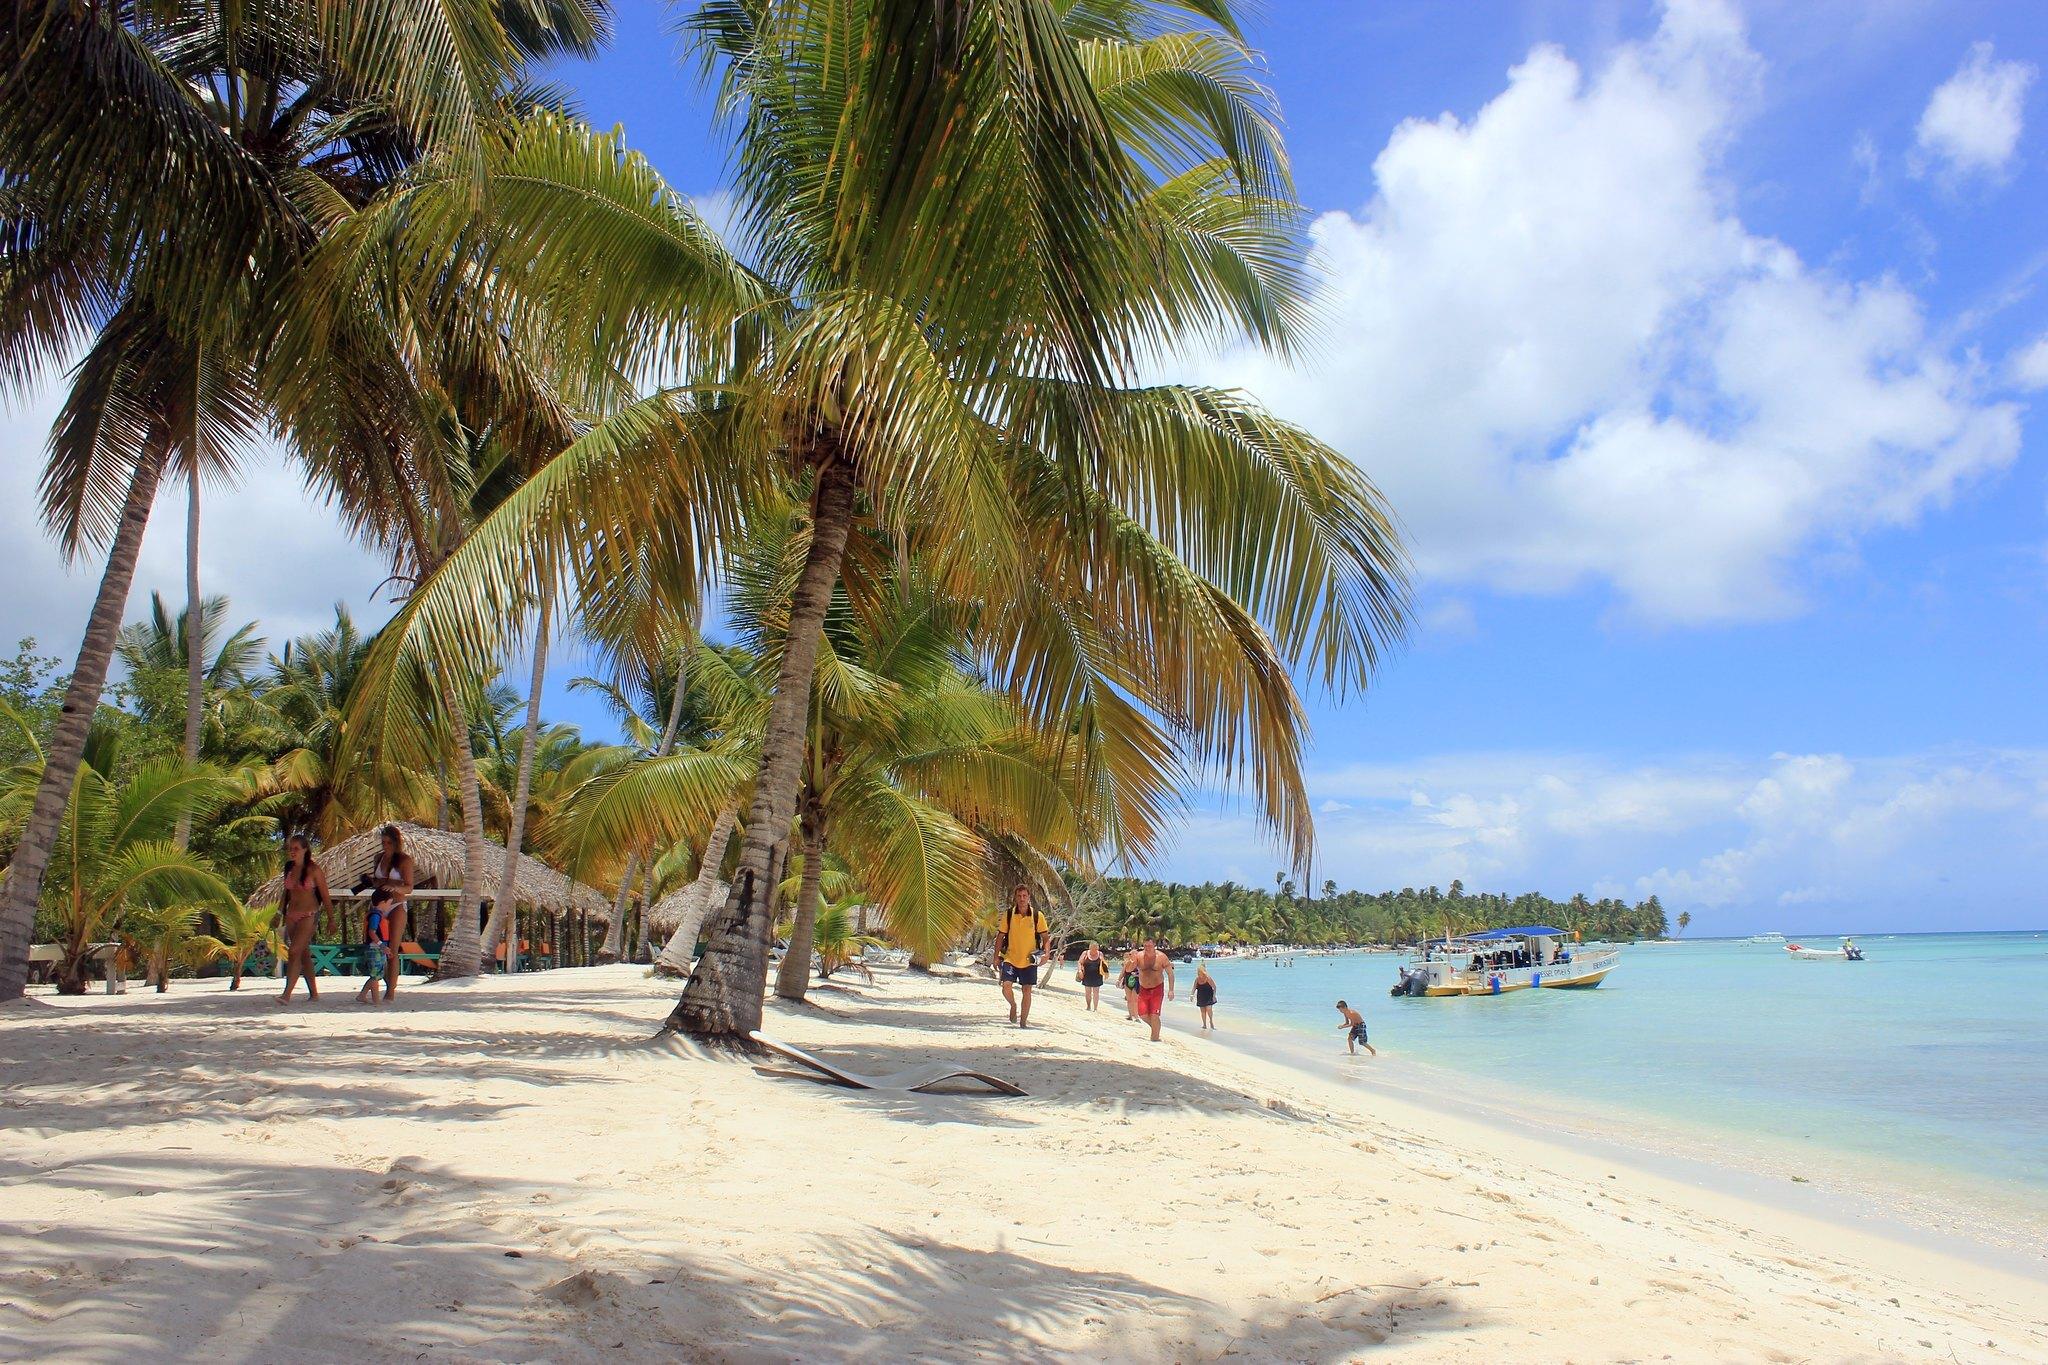 Пляжи Байяибе привлекают туристов